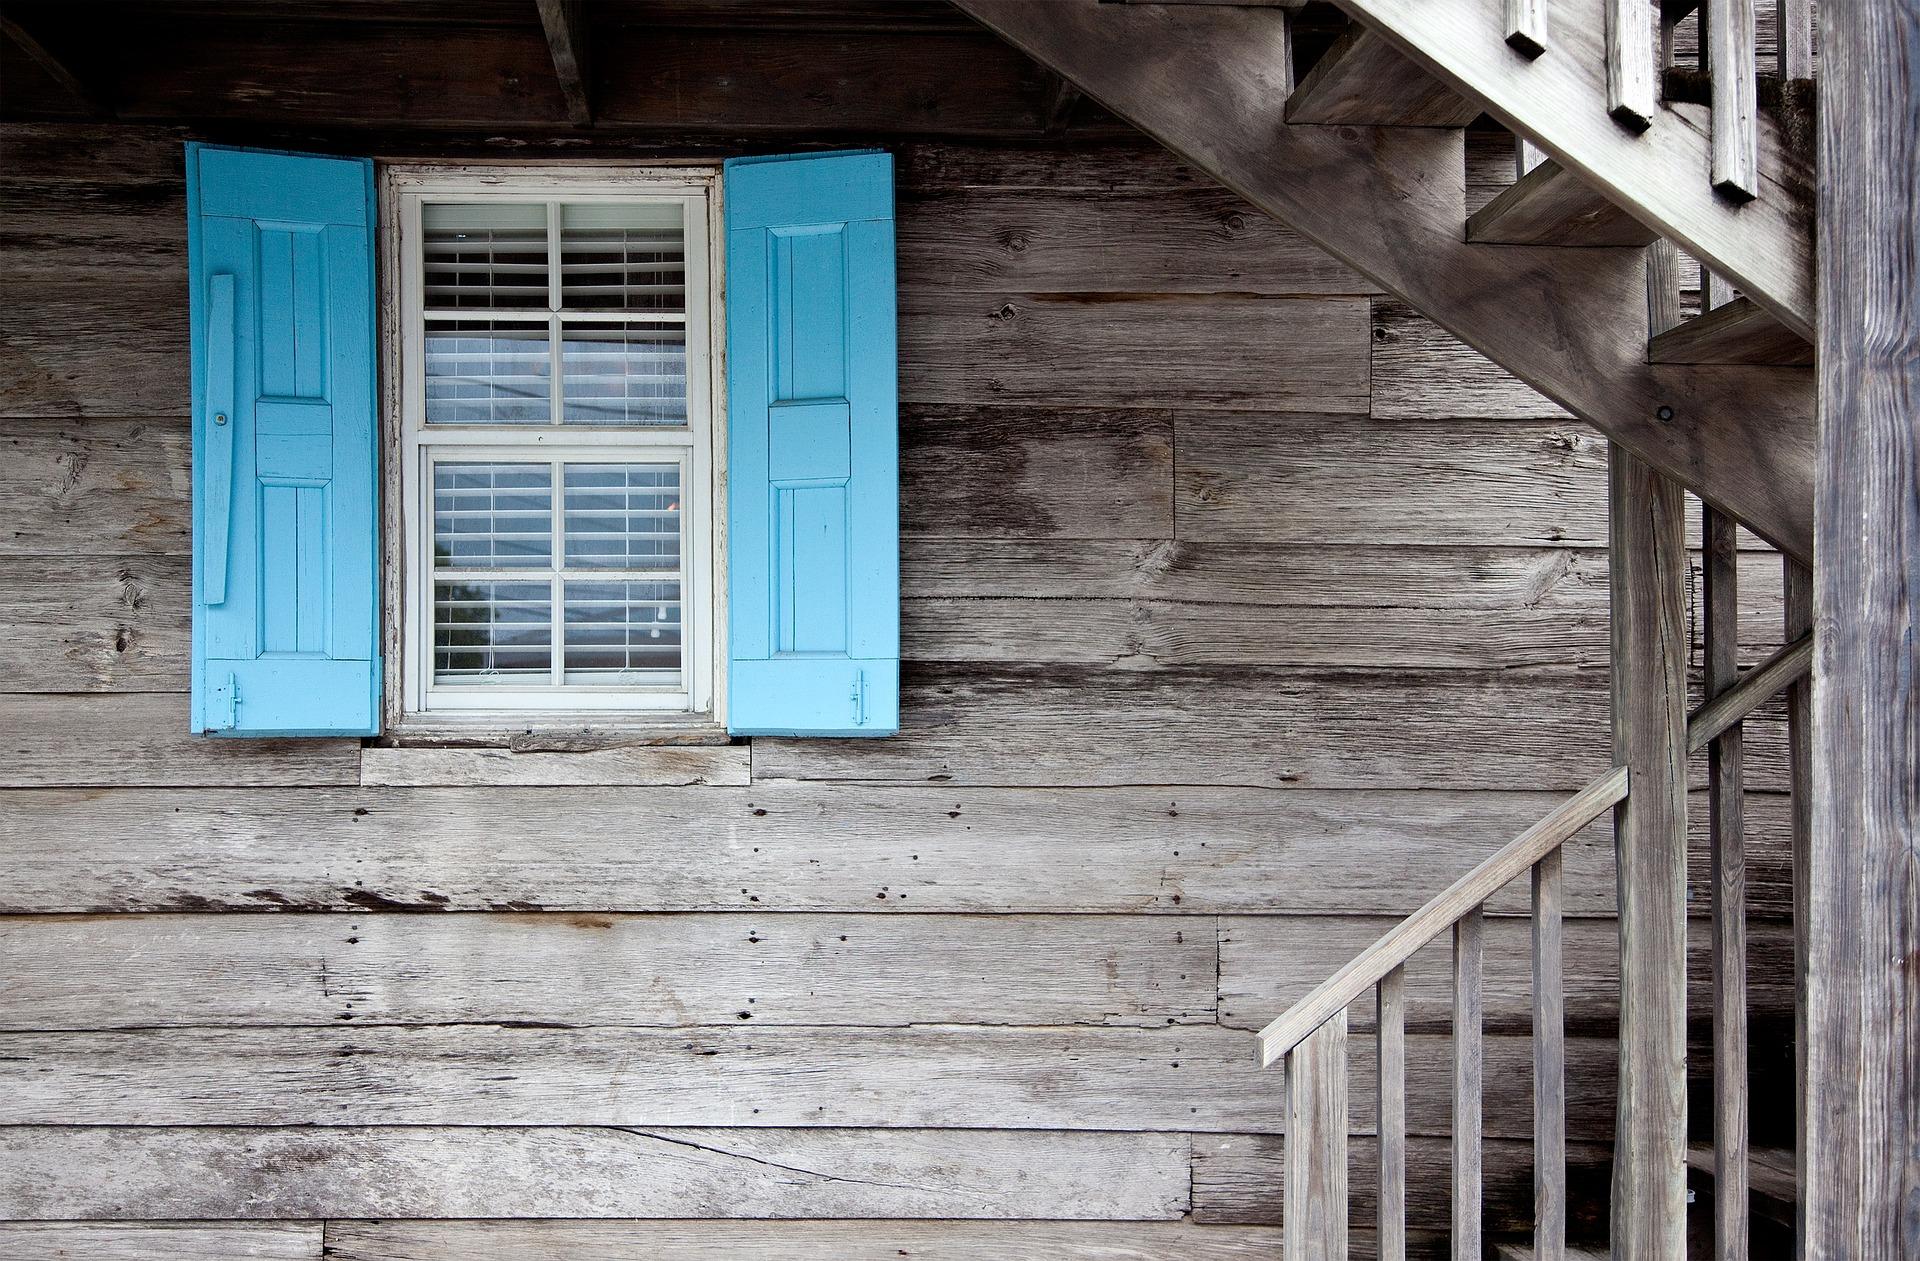 Domy s okenicemi, co mají duši